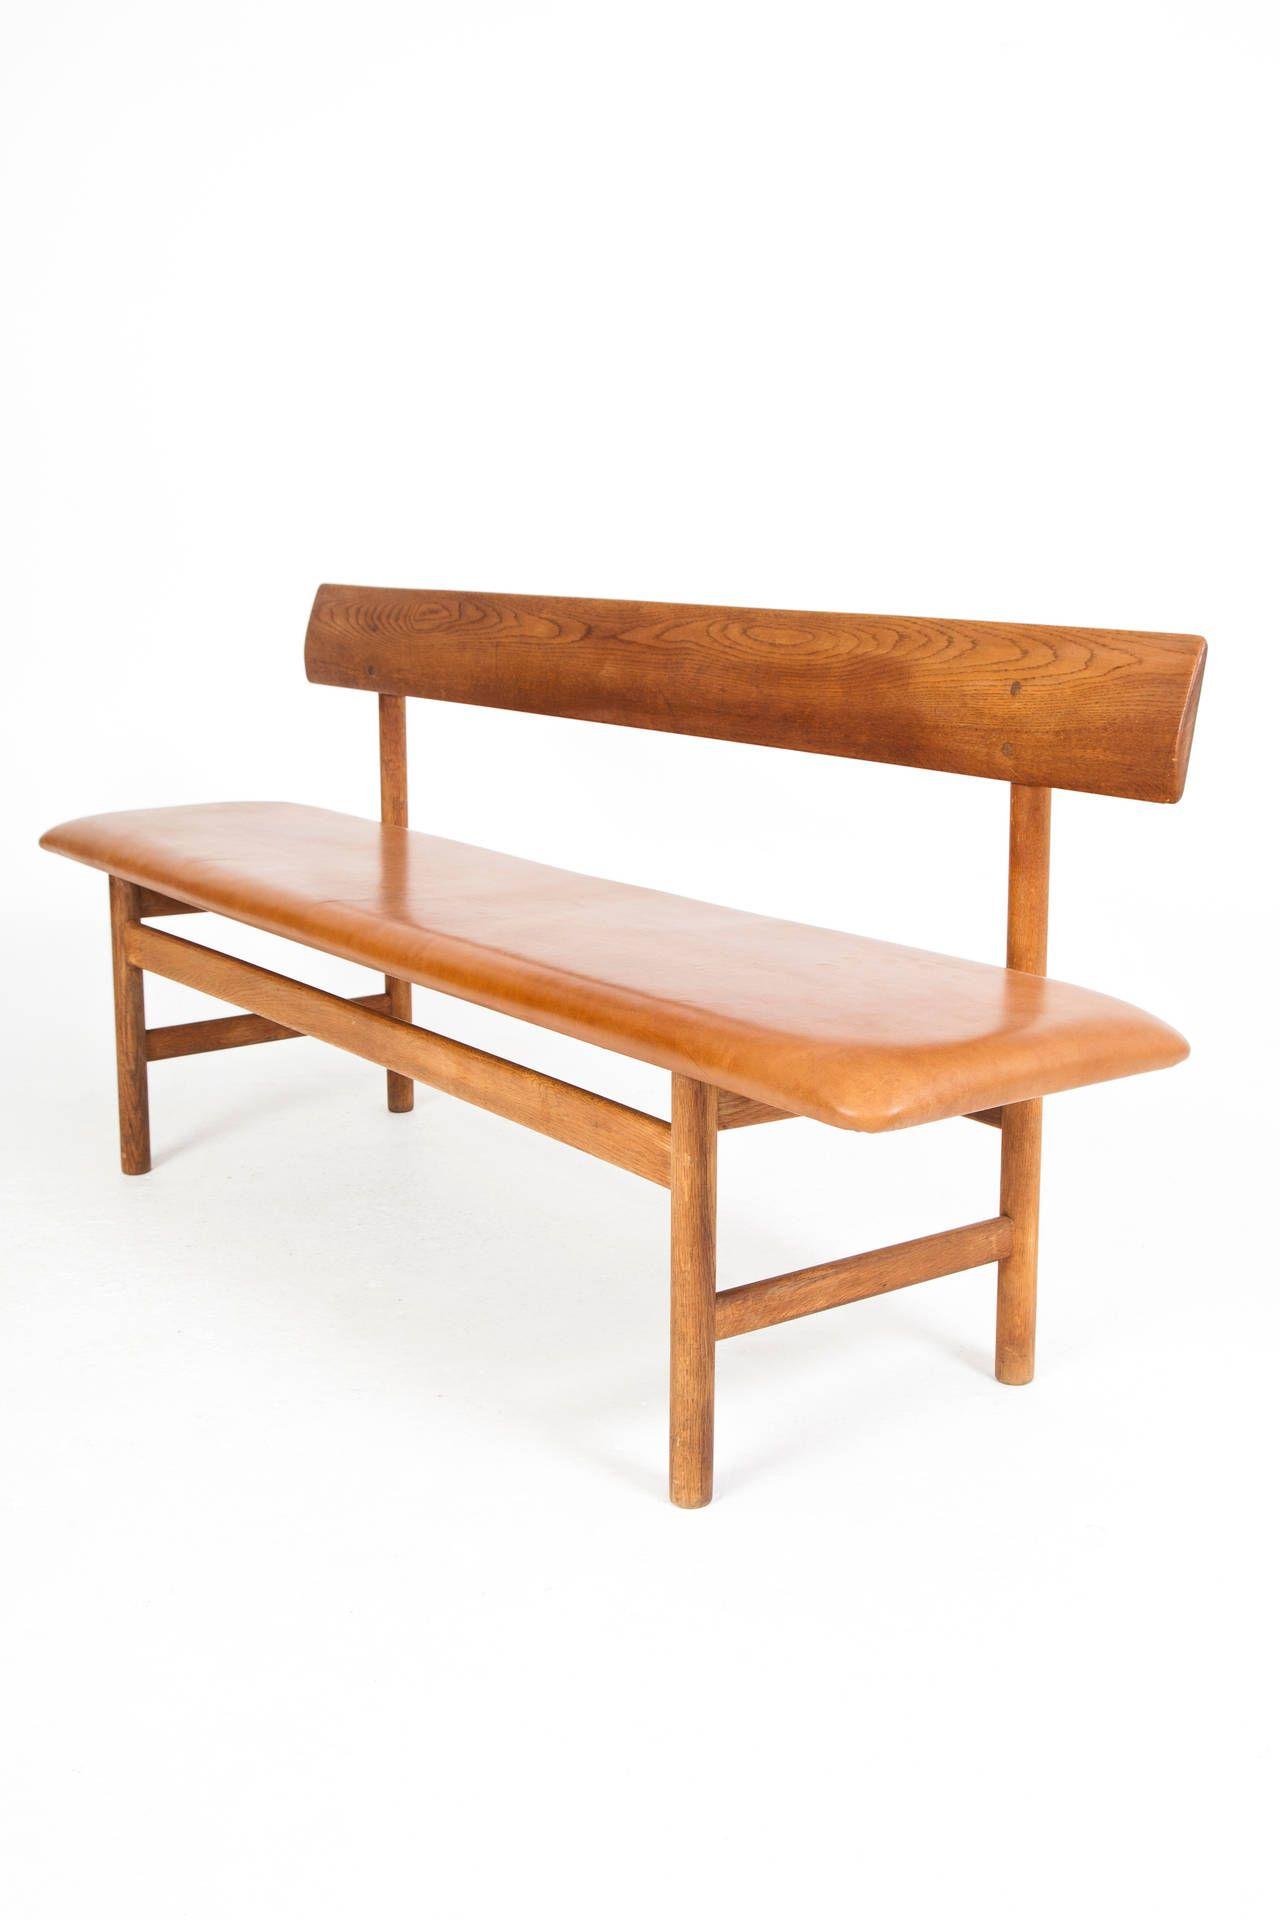 Borge Mogensen Shaker Bench 1stdibs Com Shaker Bench Furniture Shaker Furniture